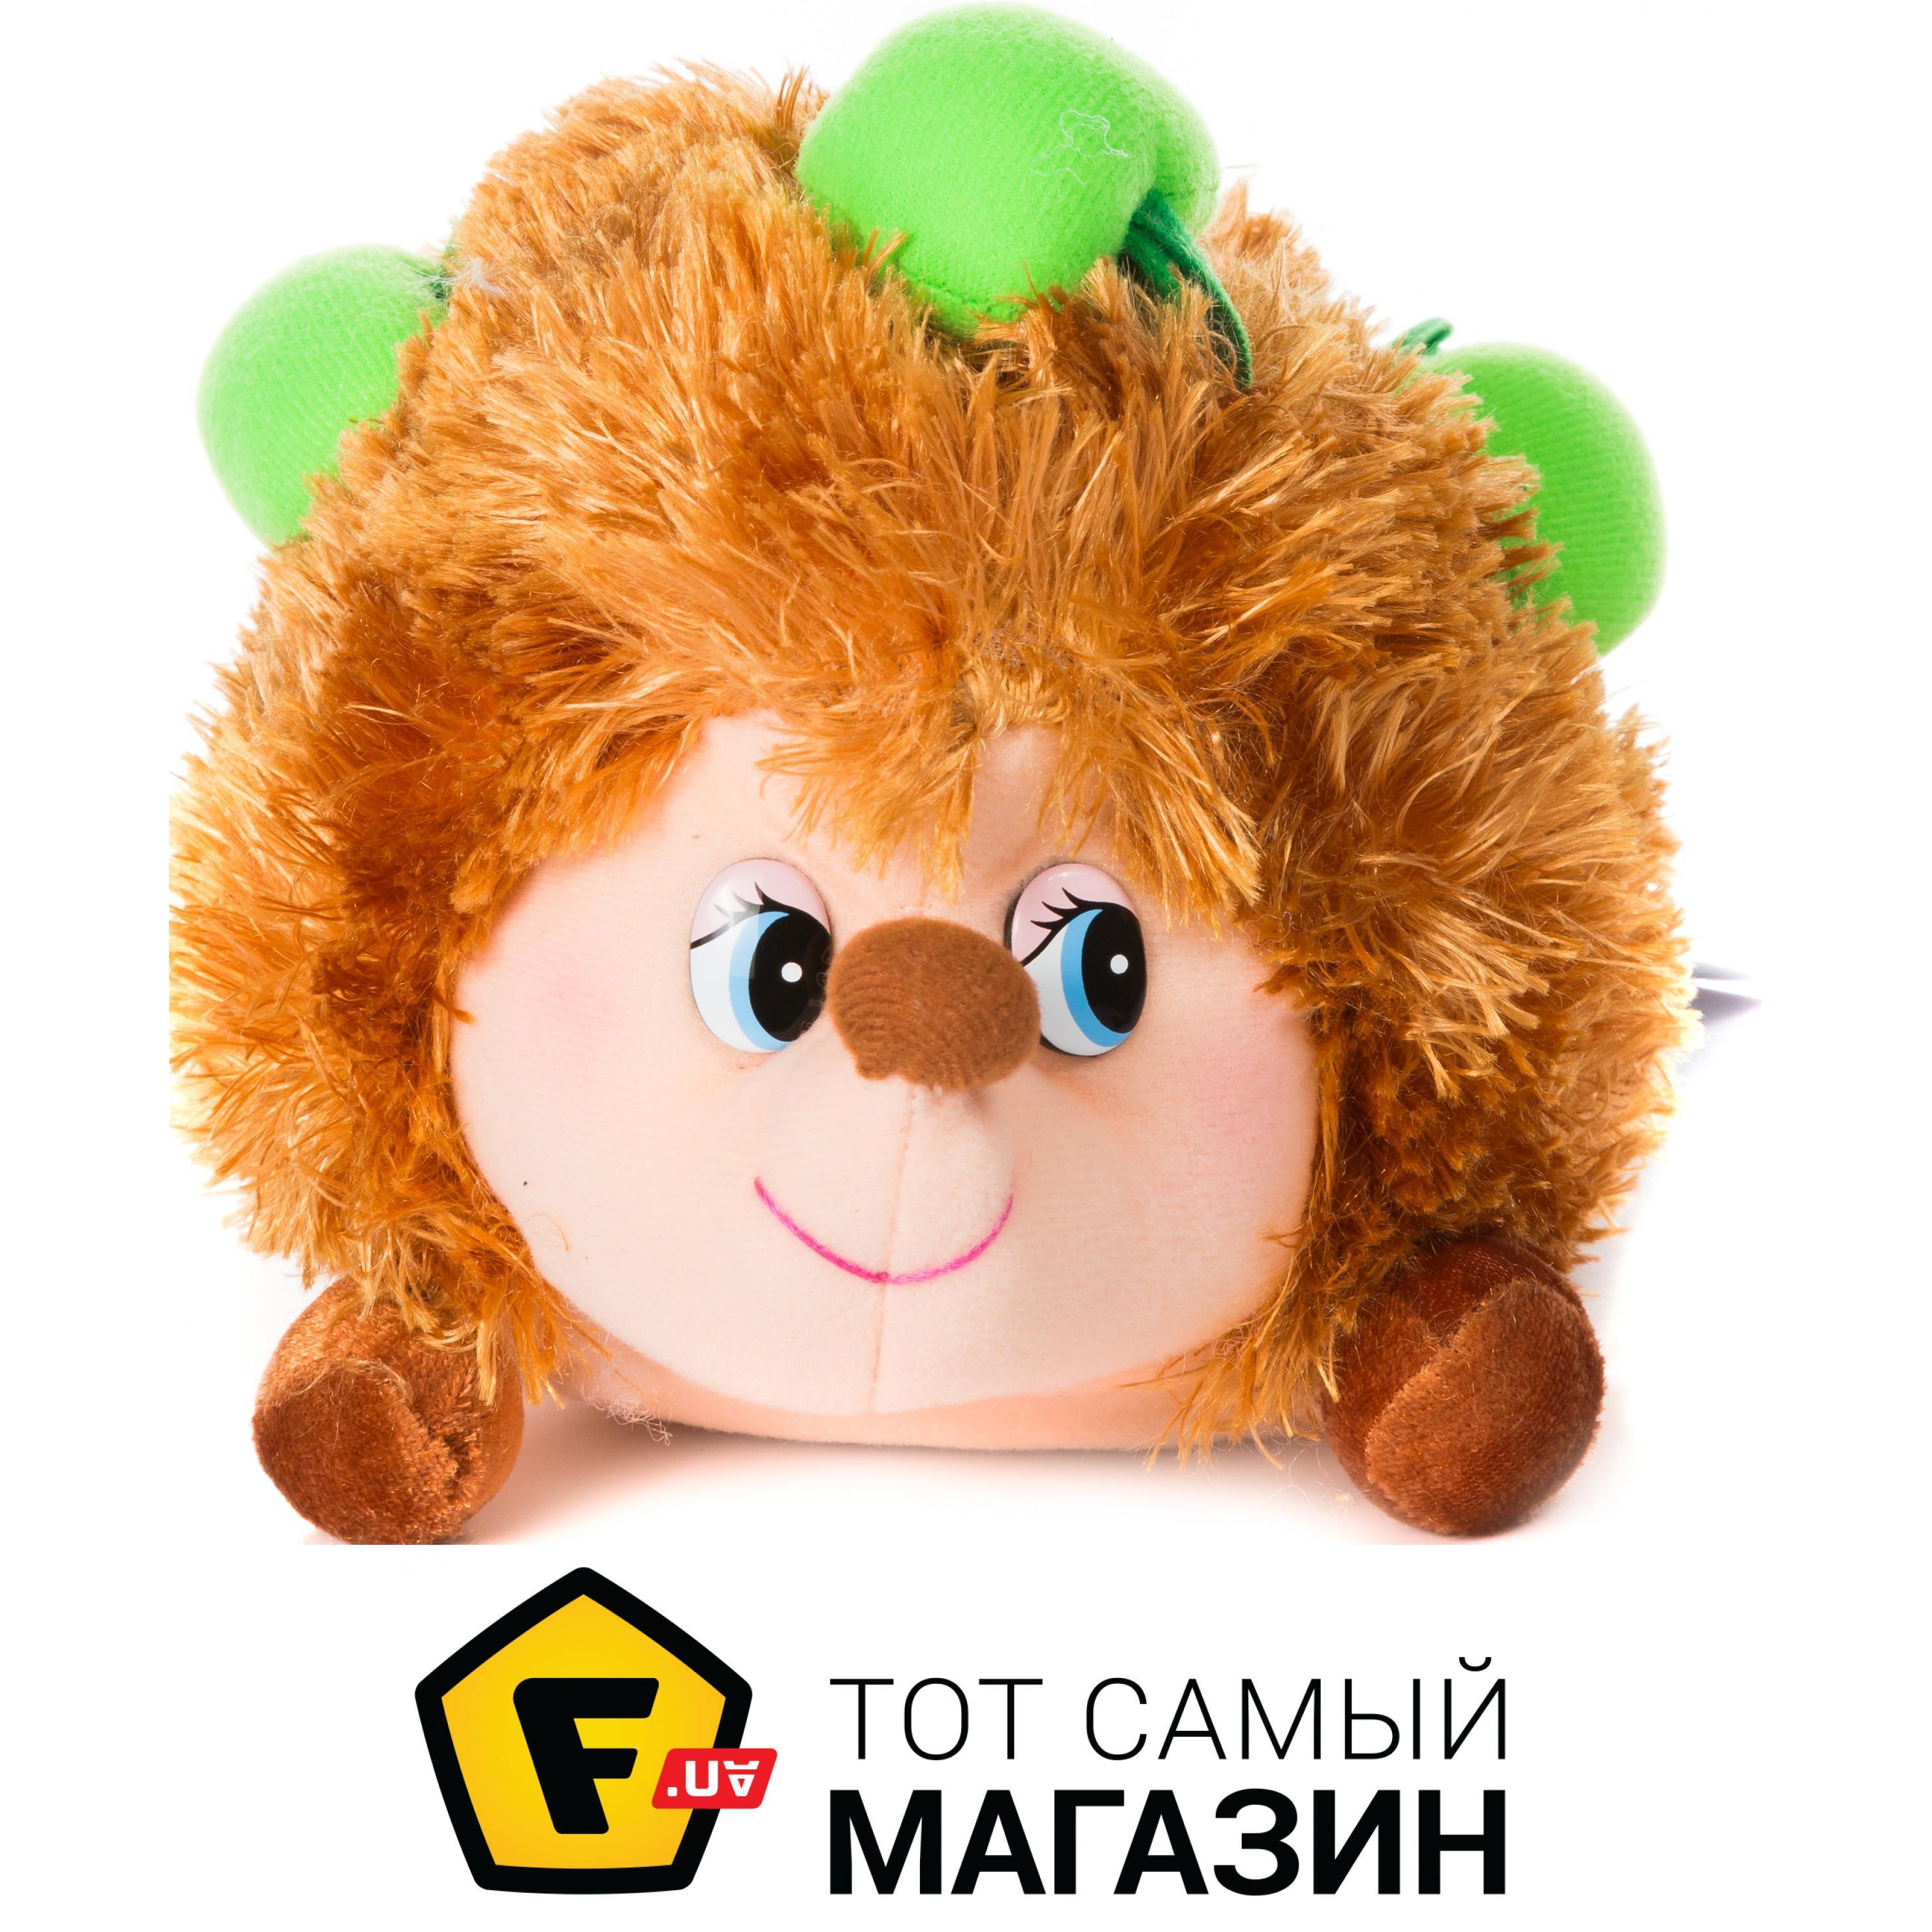 Мягкая игрушка Lava Ежик с яблоками (LF989) - купить в F.ua